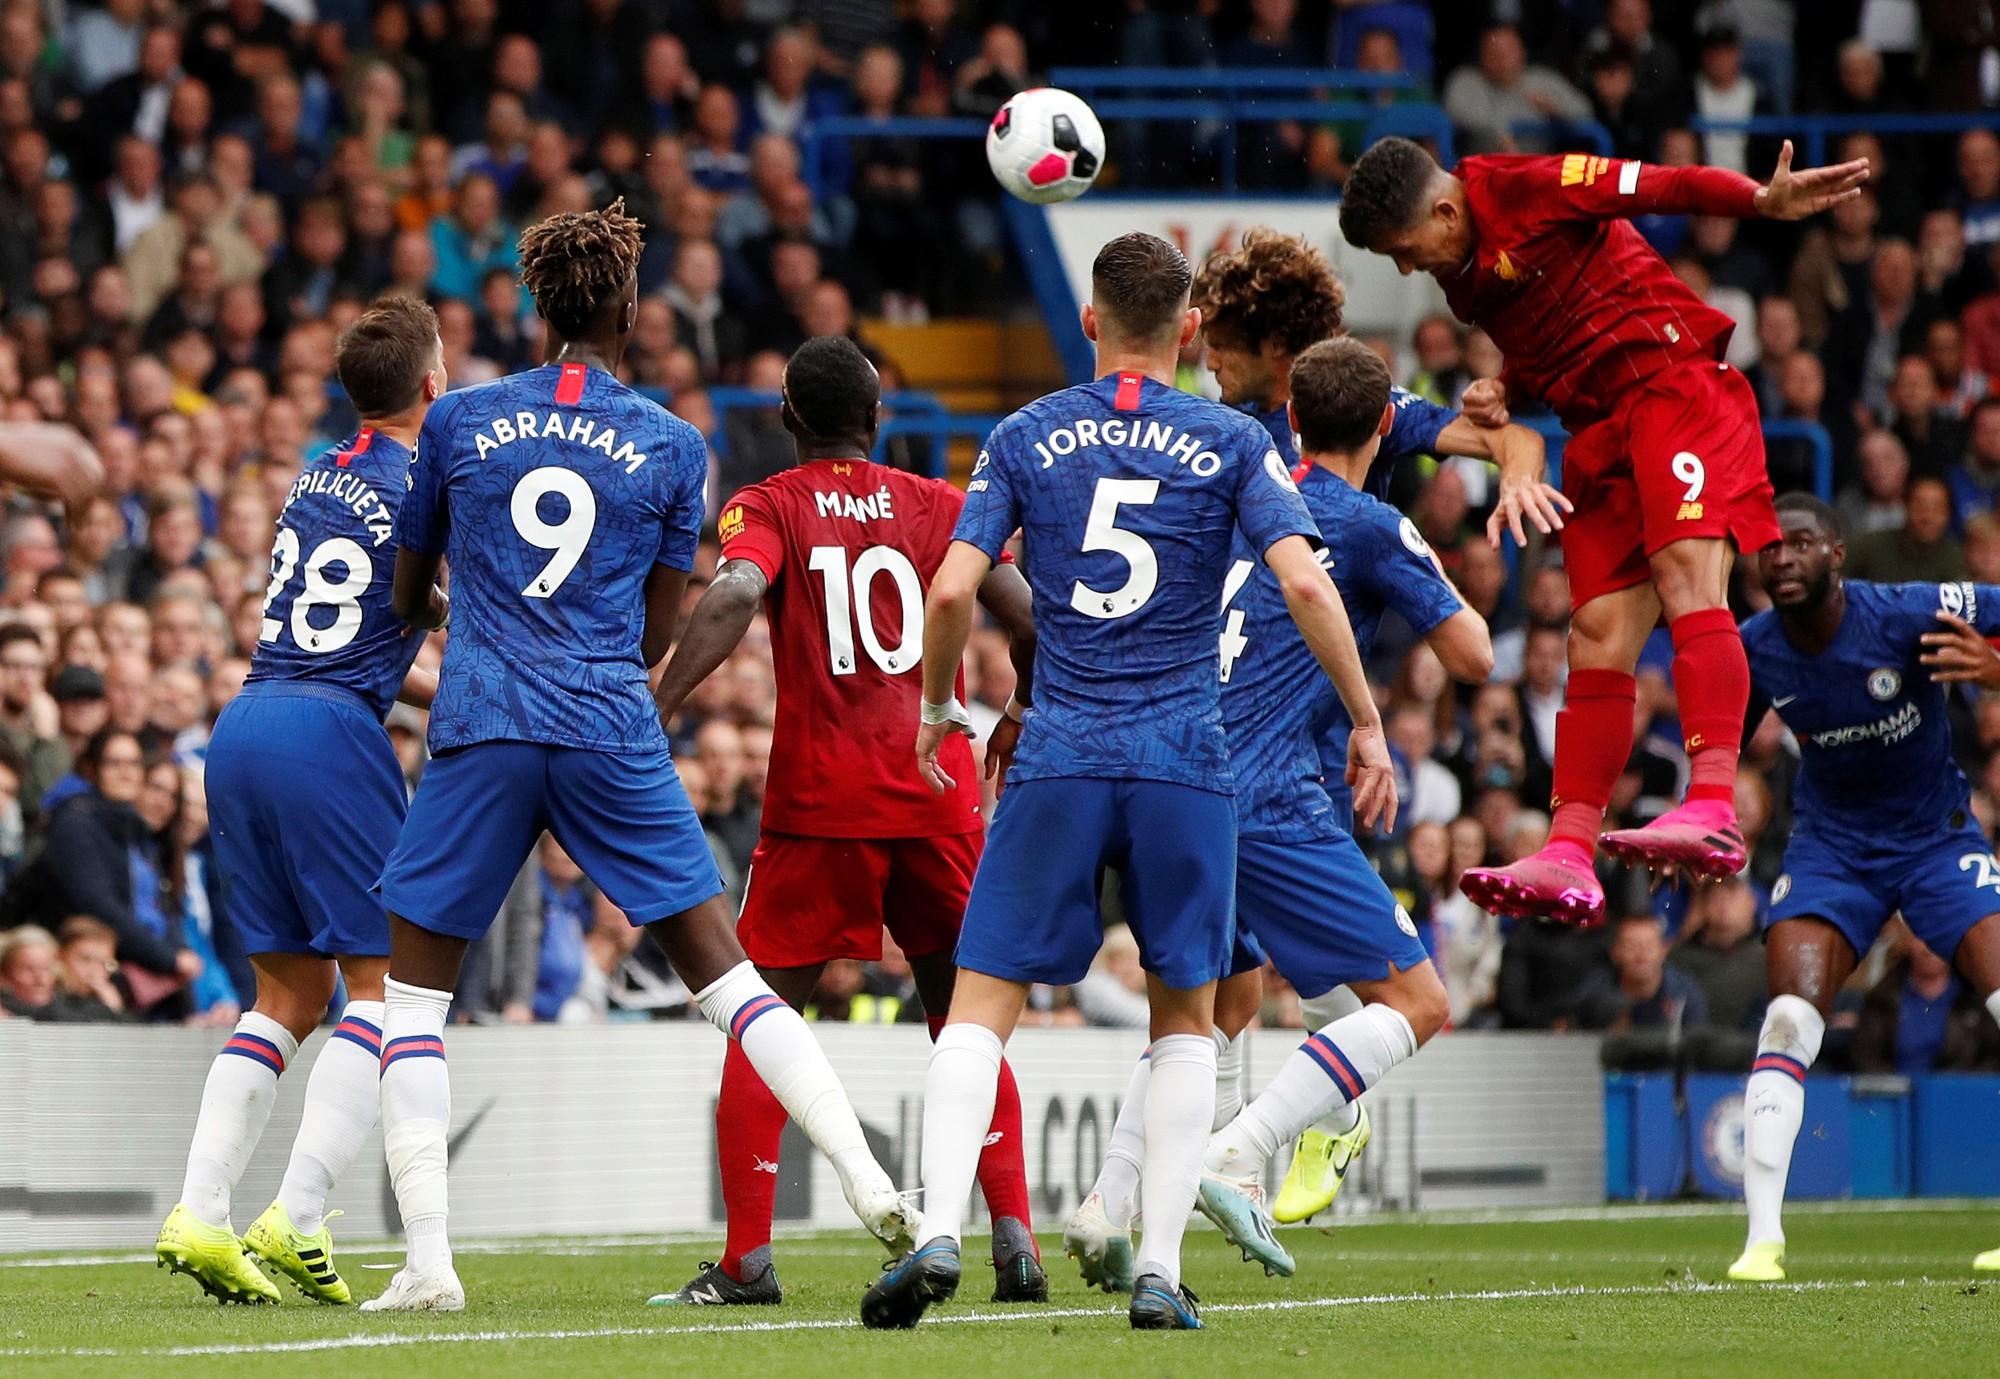 Lịch phát sóng bóng đá hôm nay 20/9/2020: Chelsea vs Liverpool